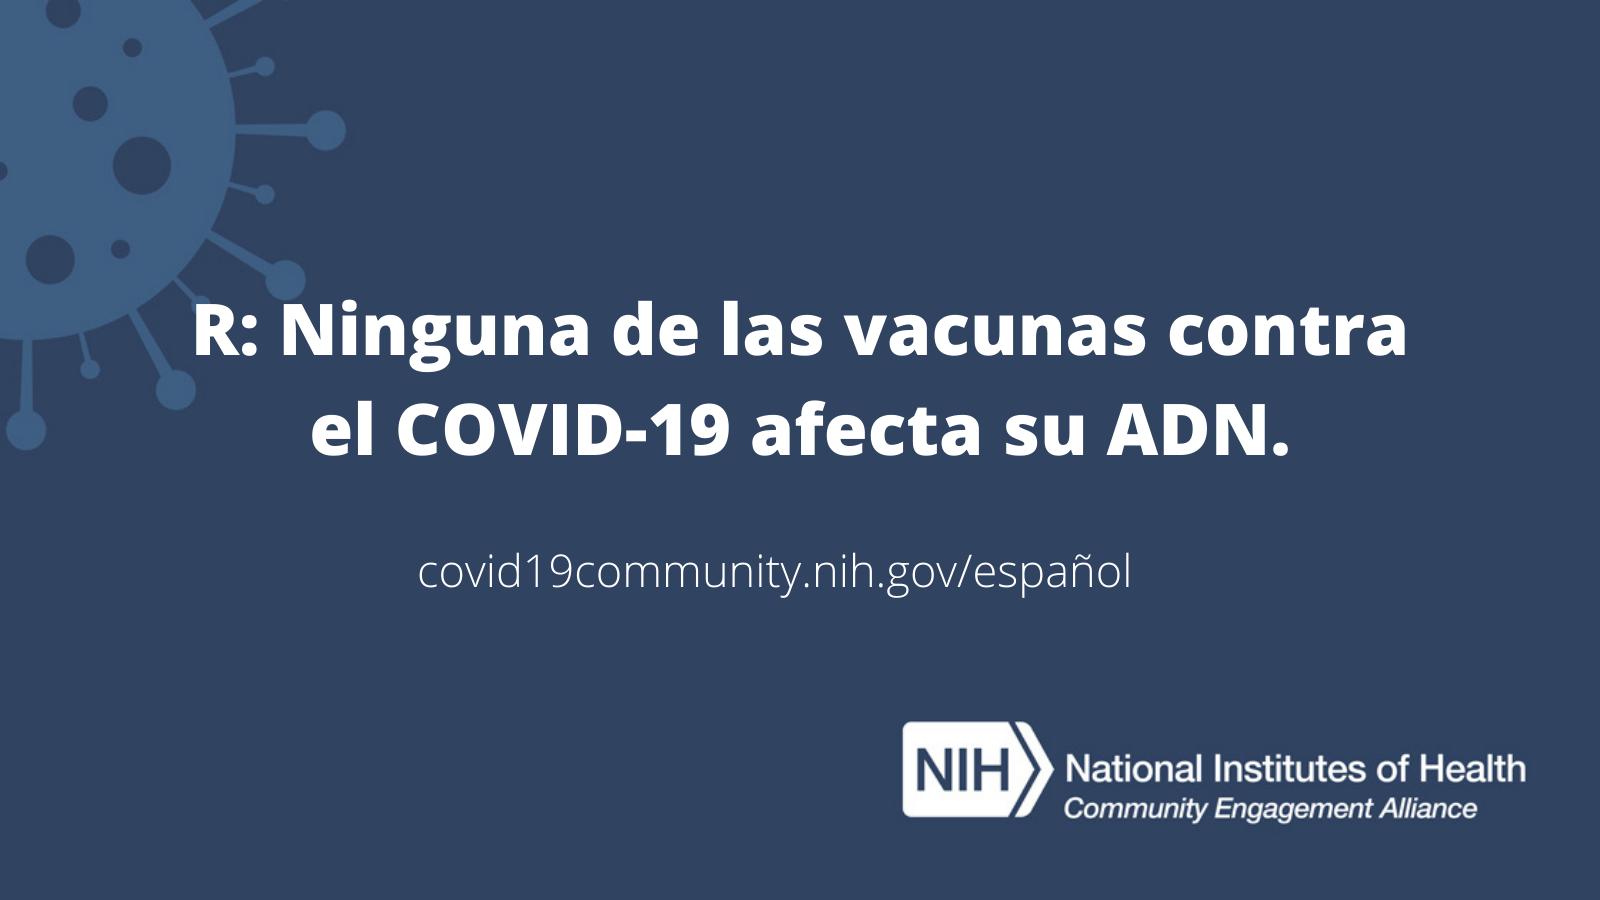 R: Ninguna de las vacunas contra el COVID-19 afecta su ADN.